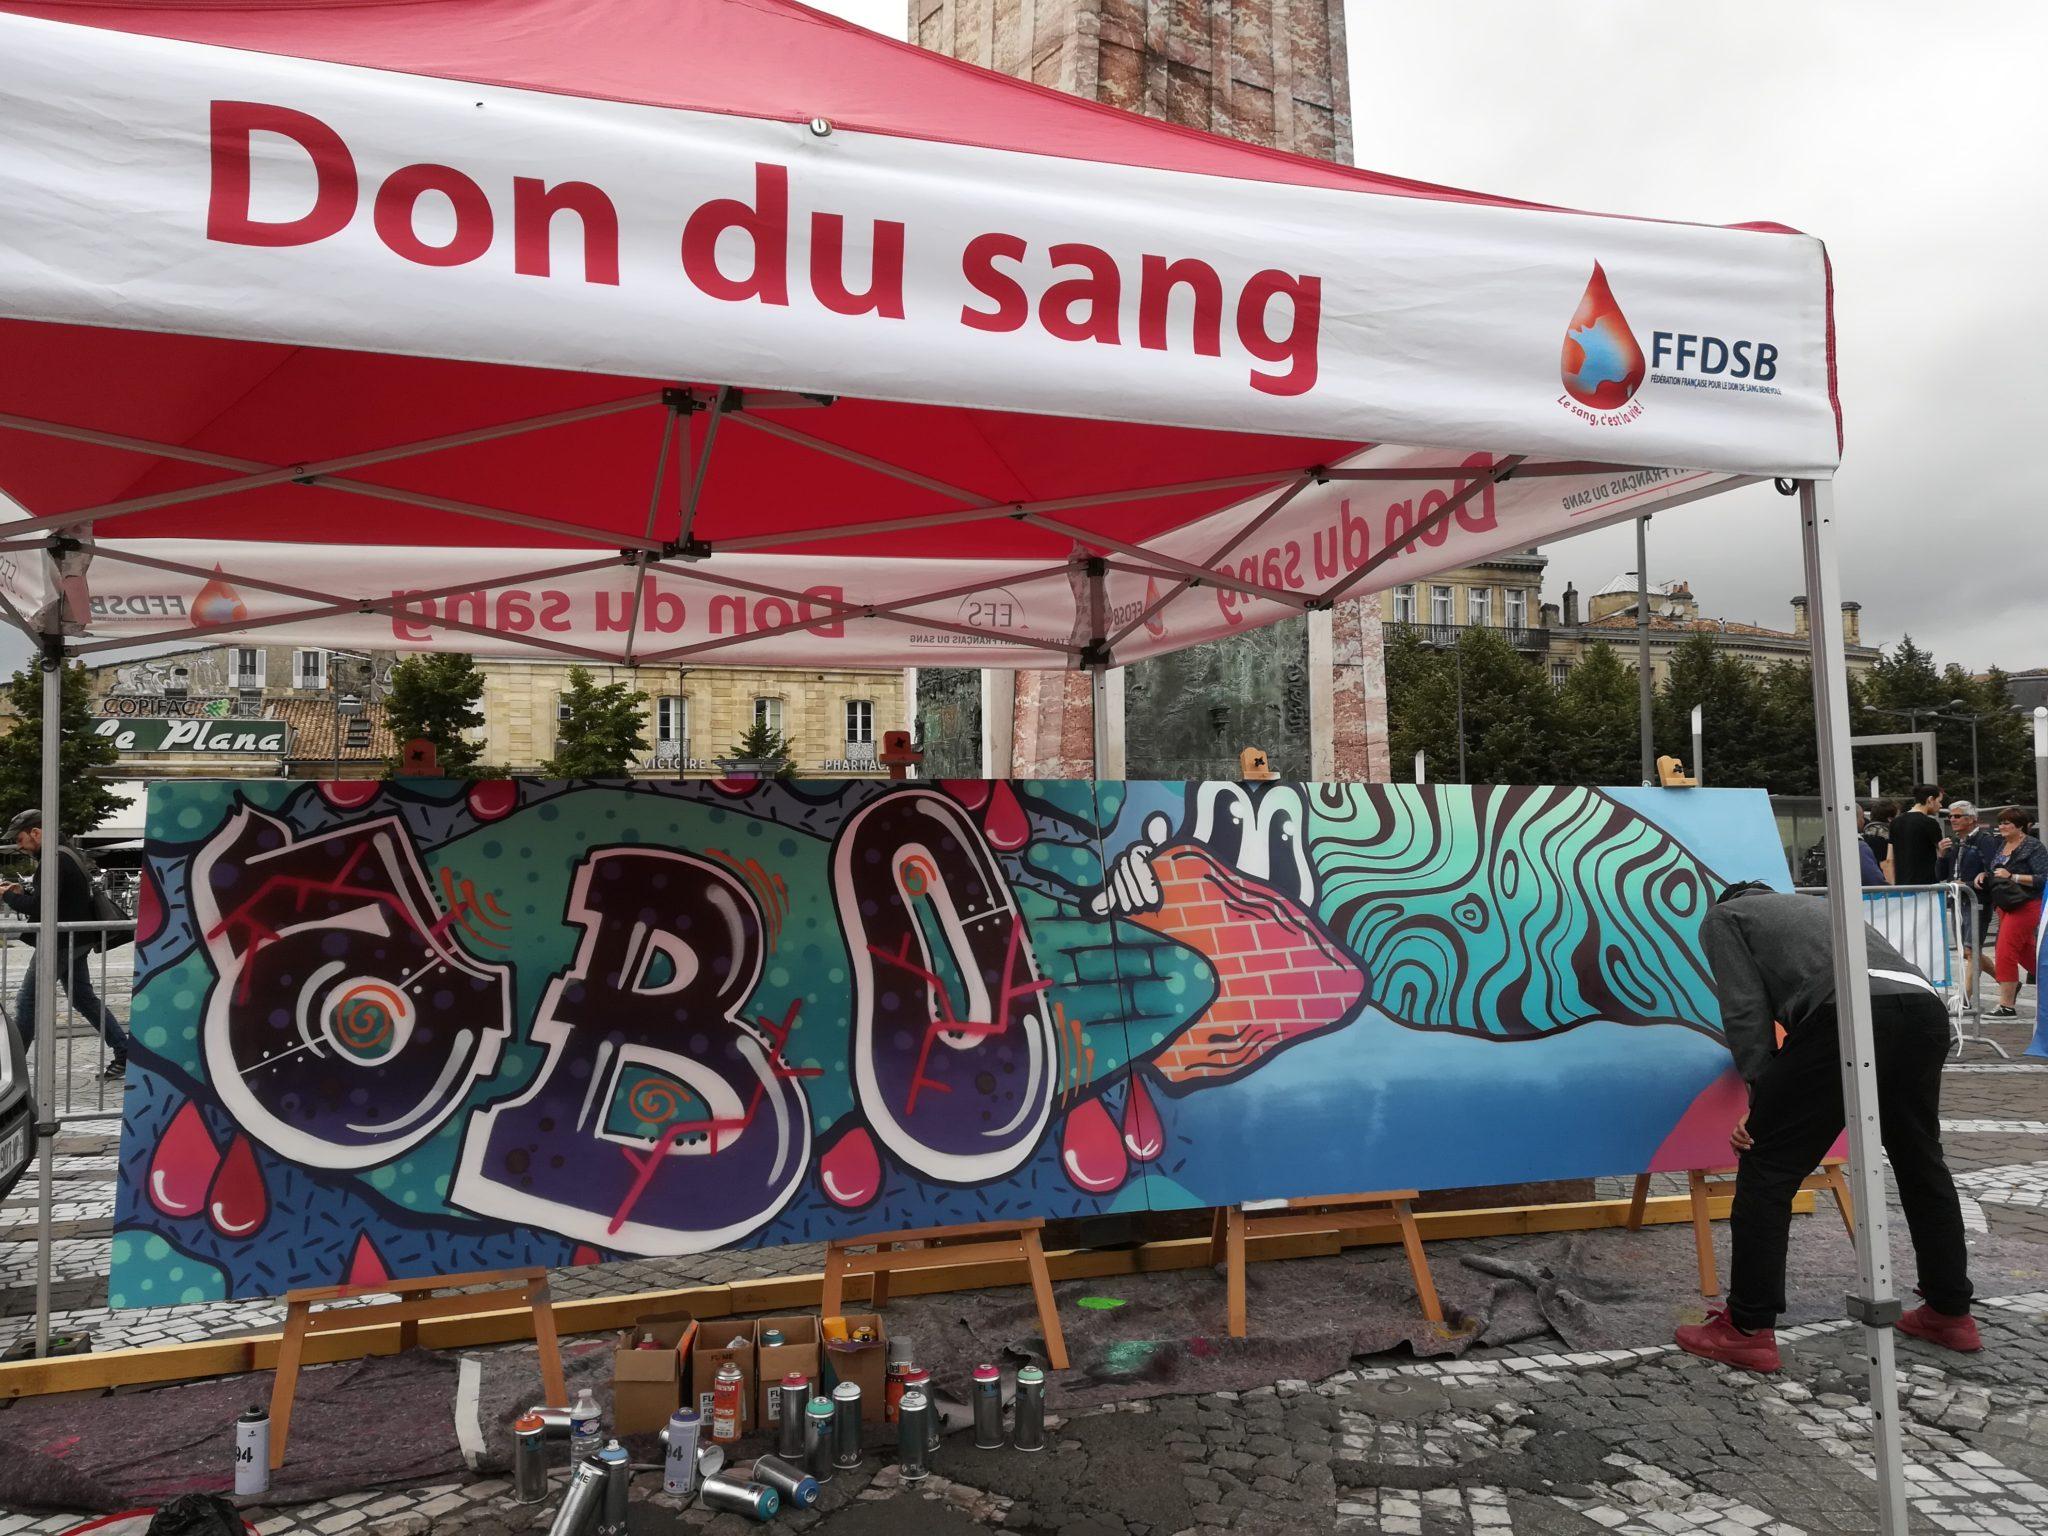 Les Journées Mondiales du Don du Sang en Nouvelle Aquitaine